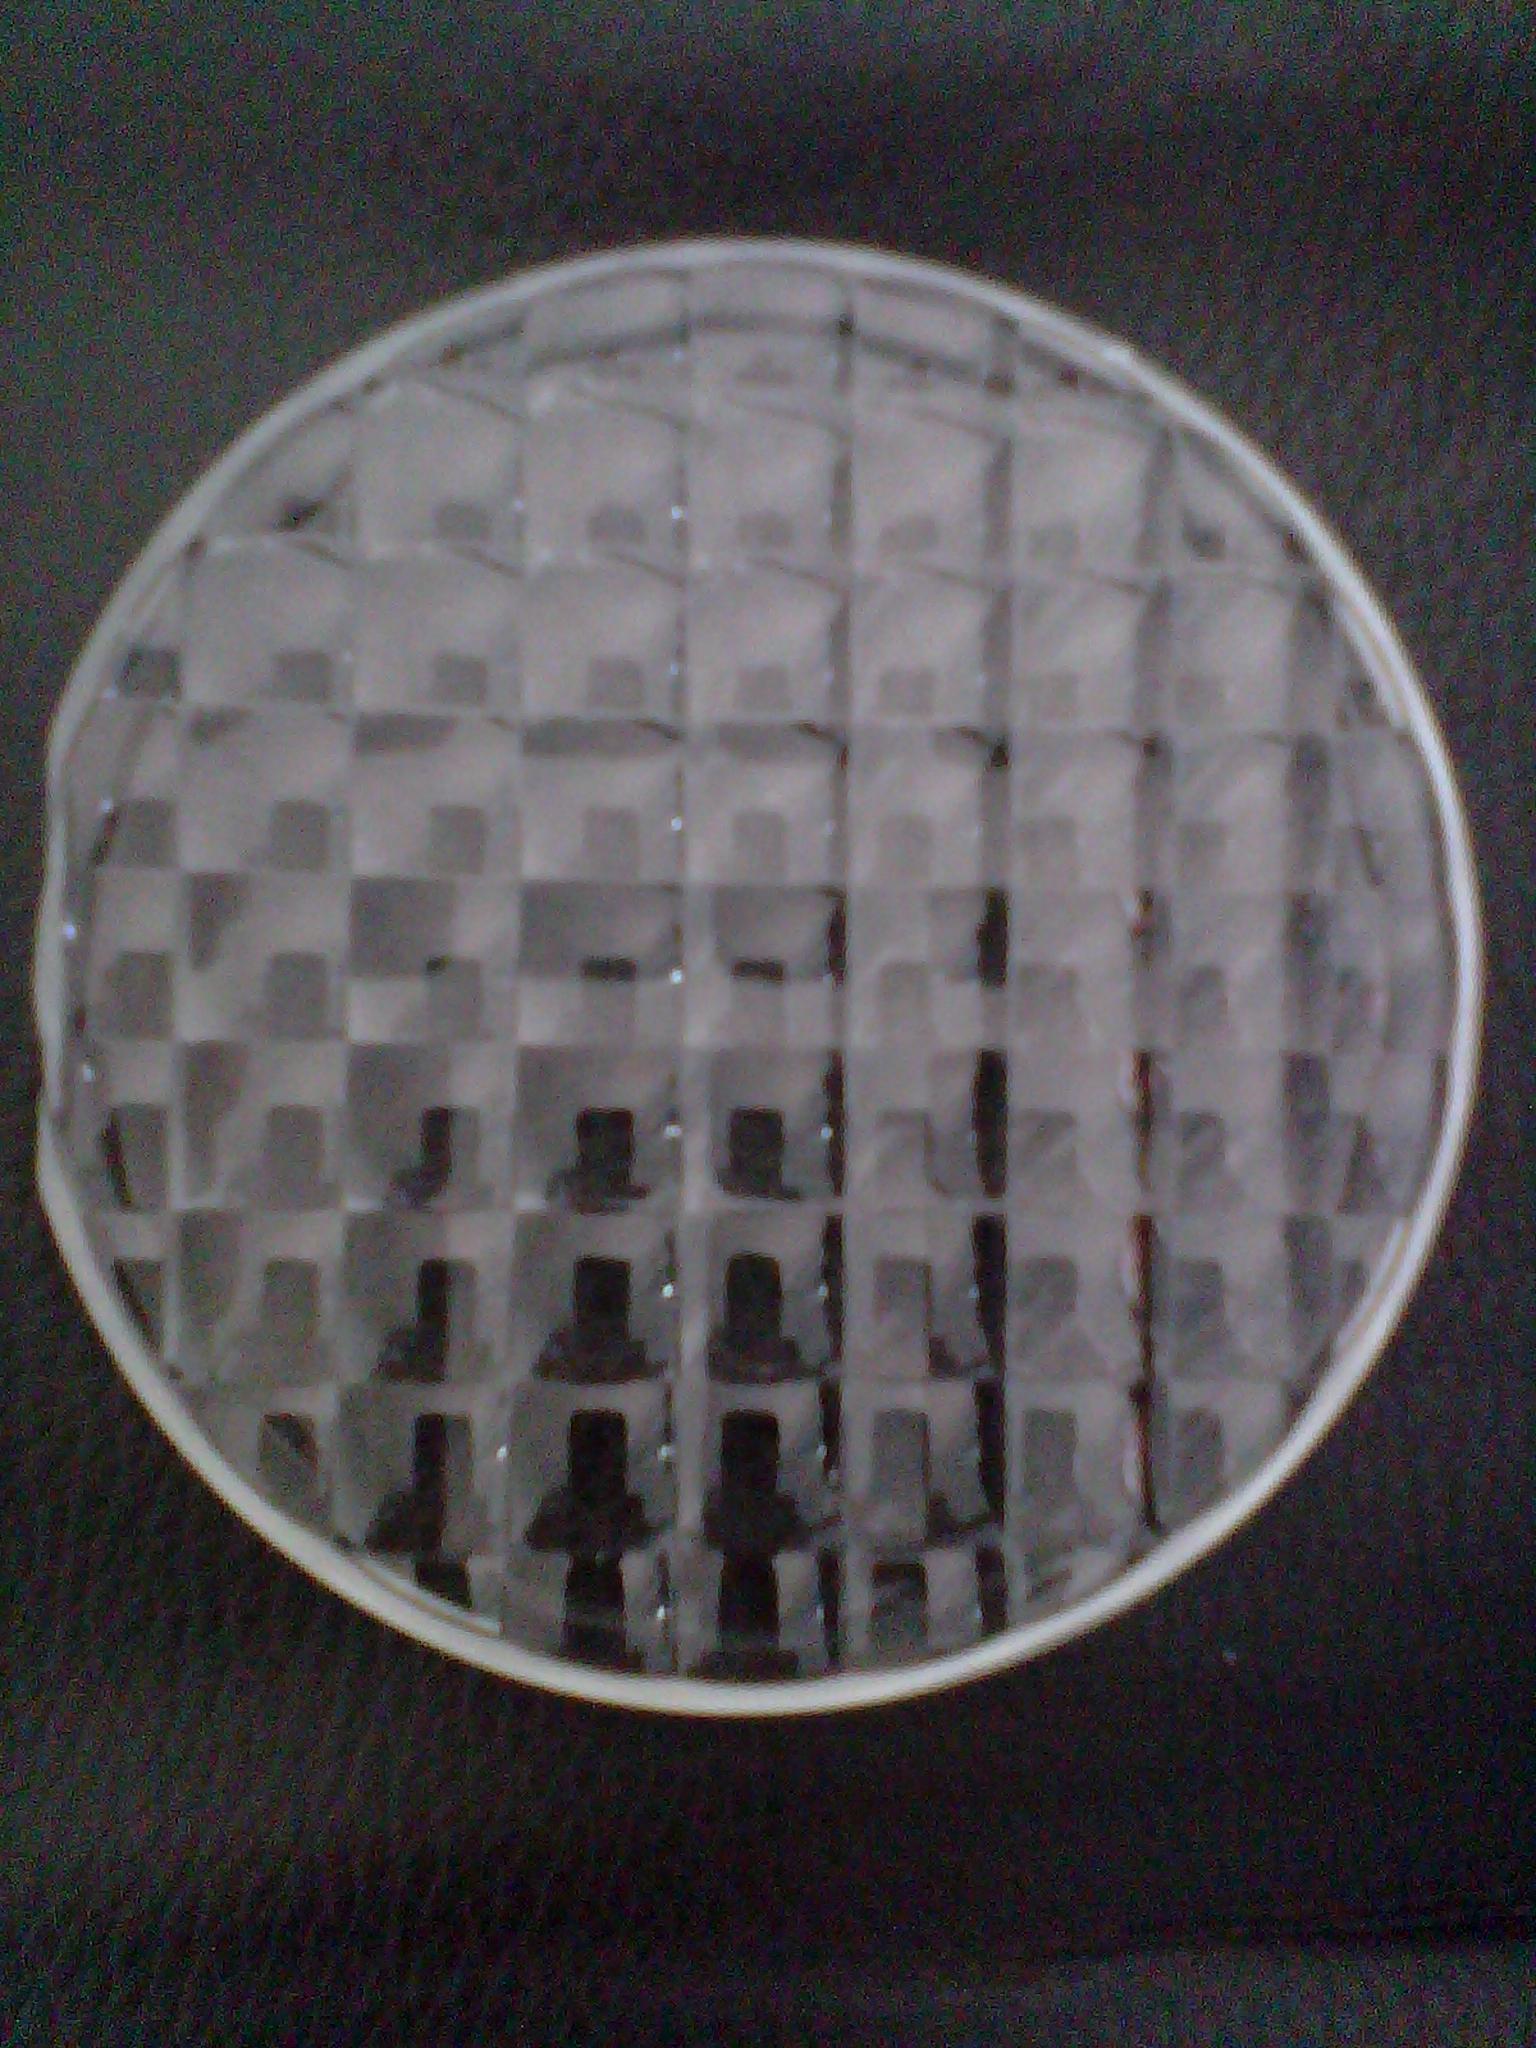 江苏车灯玻璃透镜加工  车灯玻璃透镜原理  车灯玻璃透镜加工厂家   LED车灯透镜报价